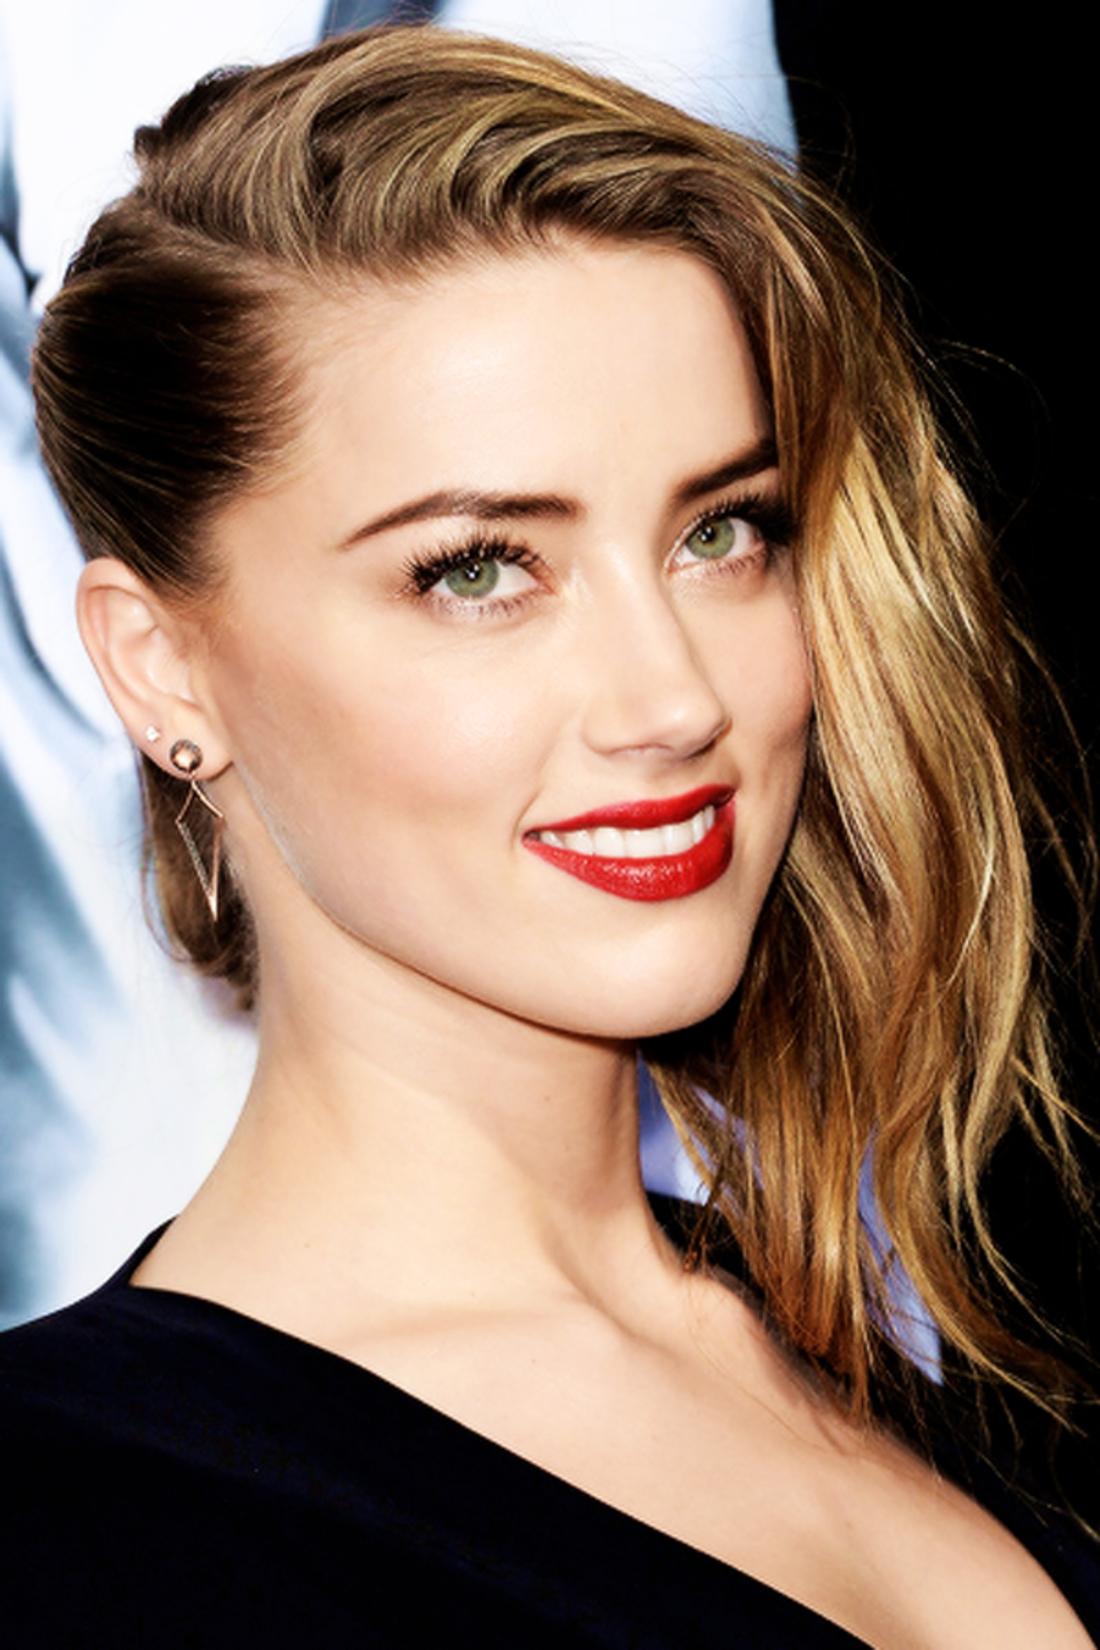 halb rasiert Undercut Frisur blondes Haar grelle Farbe von Lippenstift, schwarzes Kleid